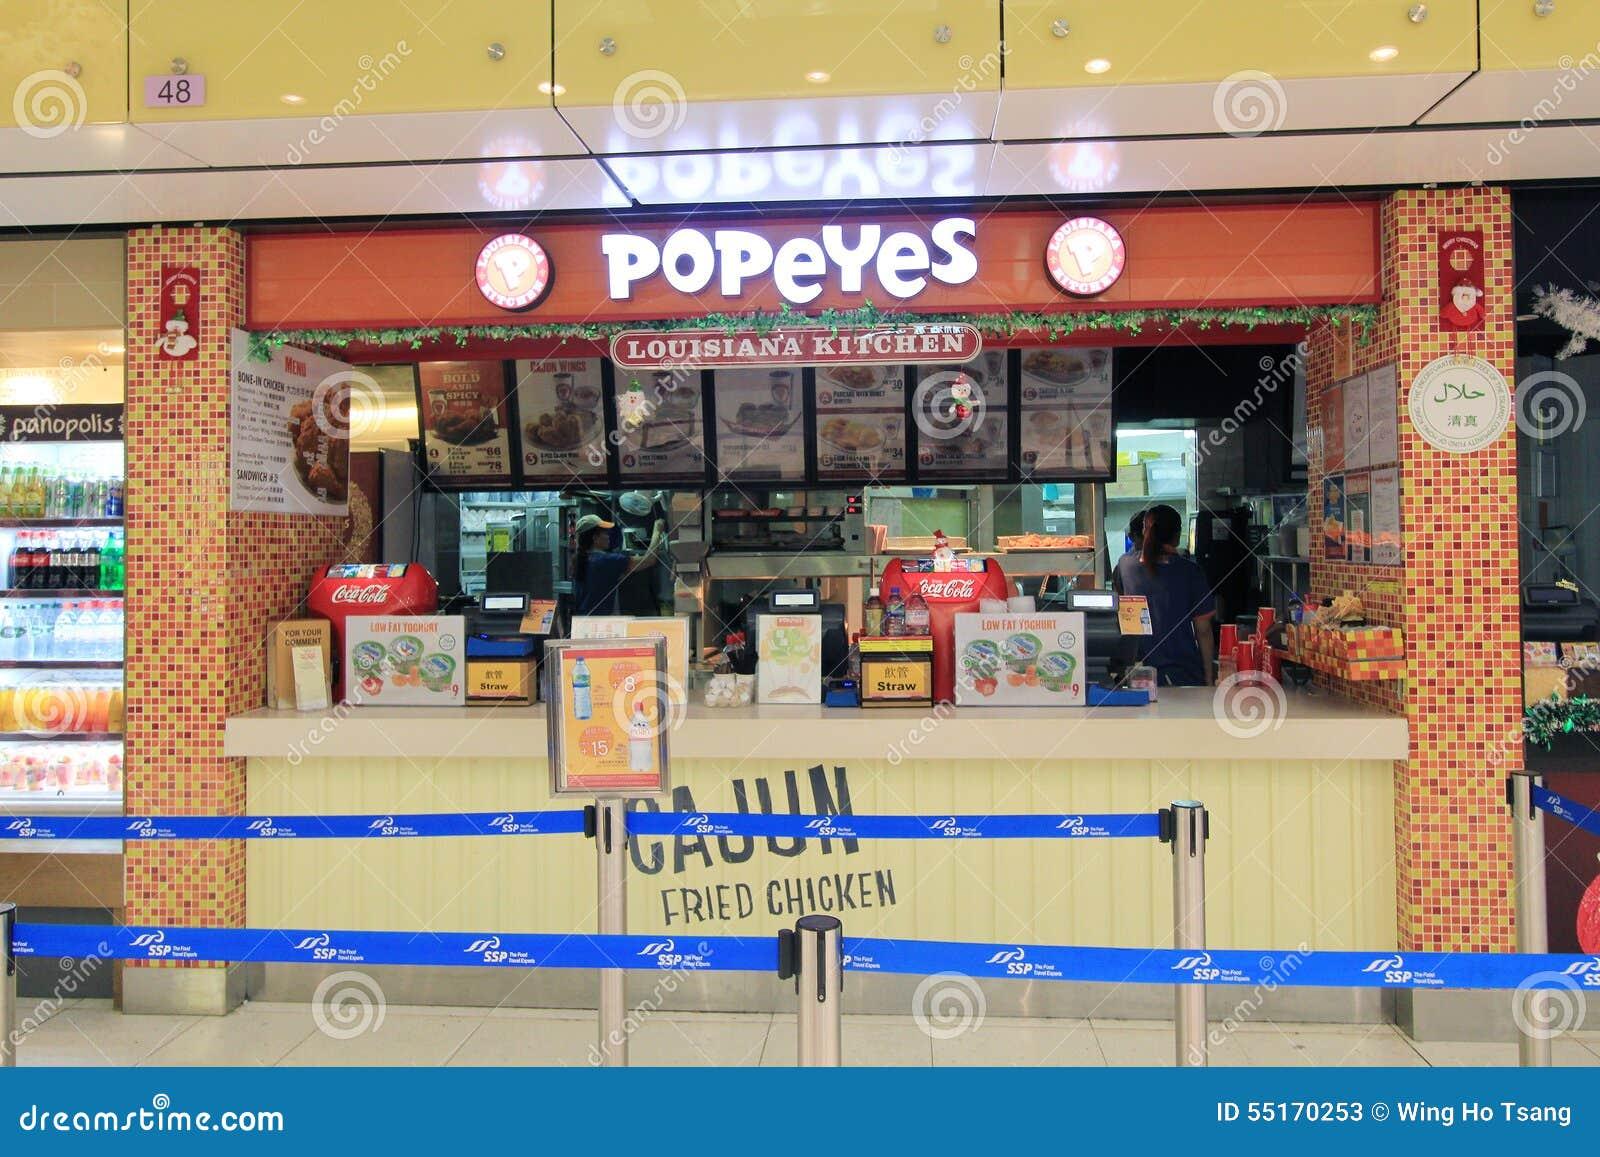 Hong Kong Airport Food Review